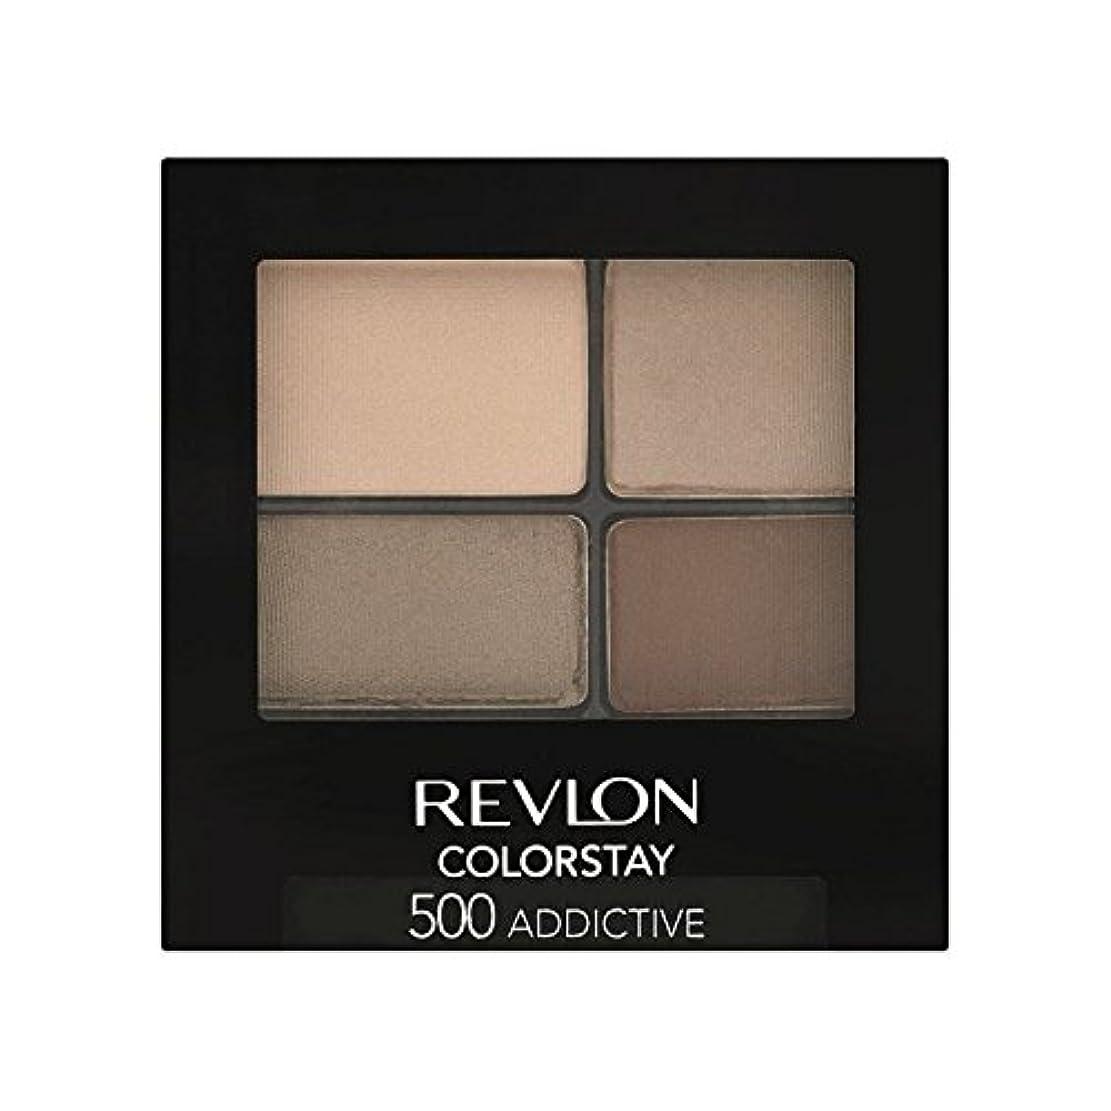 お偽造原子炉500中毒性のレブロン 16時間のアイシャドウ x4 - Revlon Colorstay 16 Hour Eye Shadow Addictive 500 (Pack of 4) [並行輸入品]